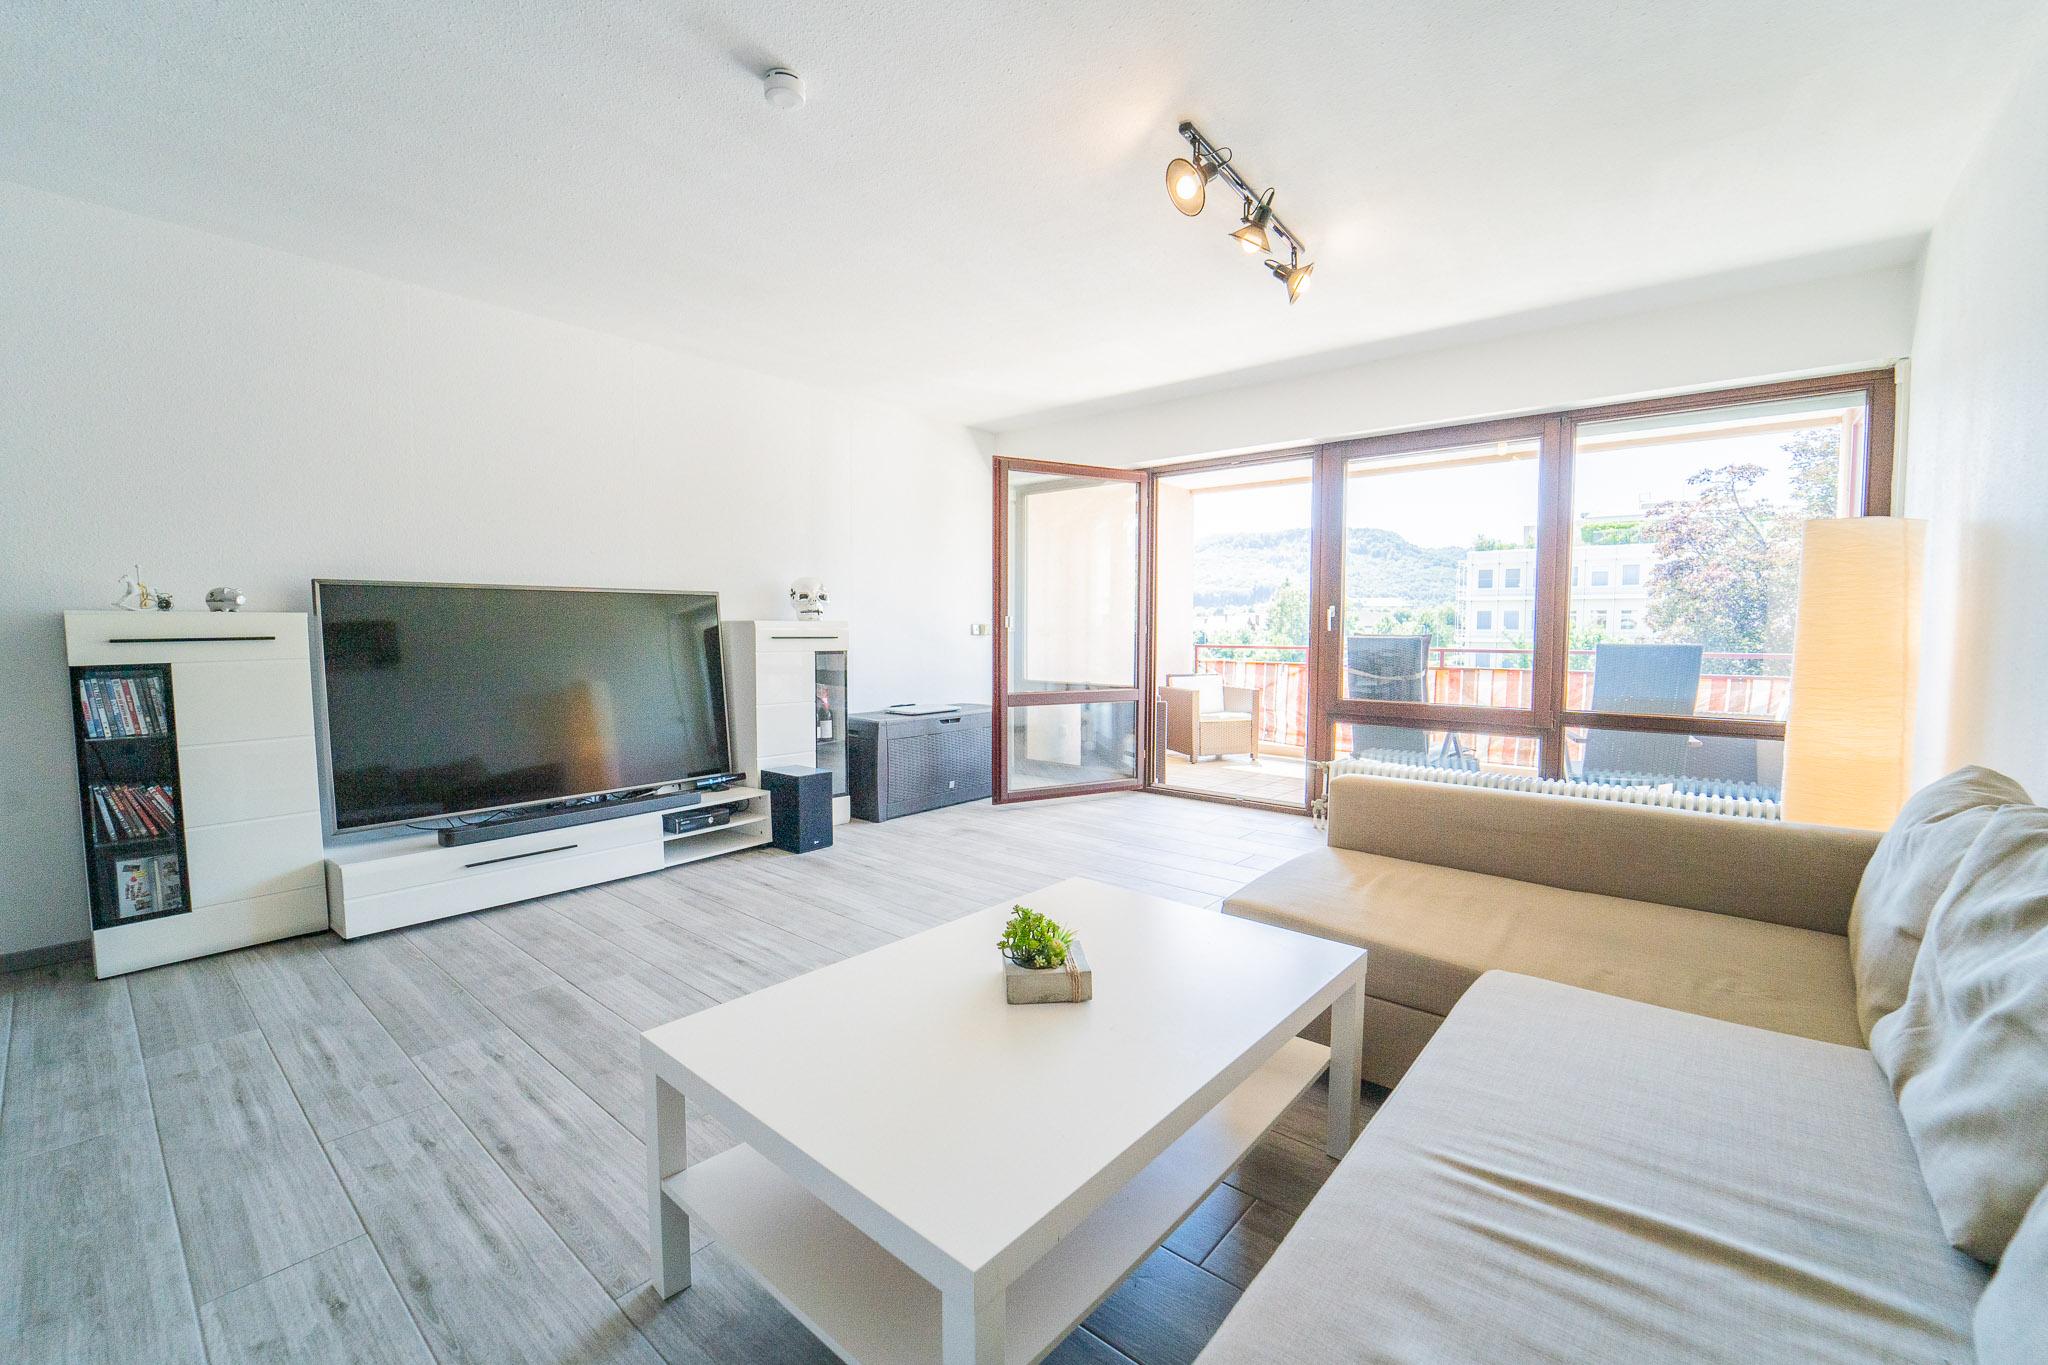 Solide Kapitalanlage! 1,5 Zi. Eigentumswohnung mit Loggia und Tiefgarage im Herzen von Bad Säckingen